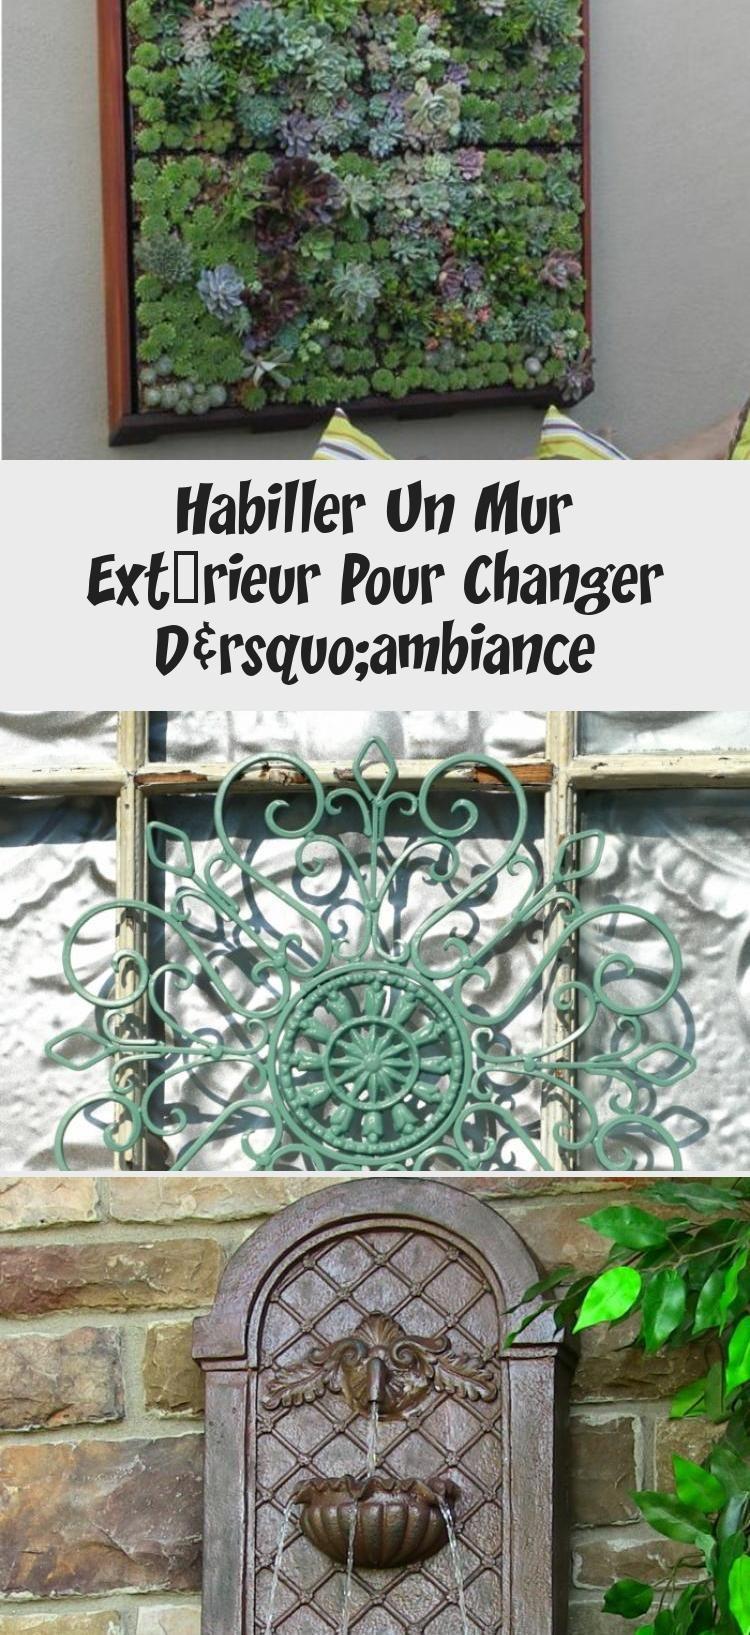 Habiller Un Mur Extérieur Pour Changer D'ambiance